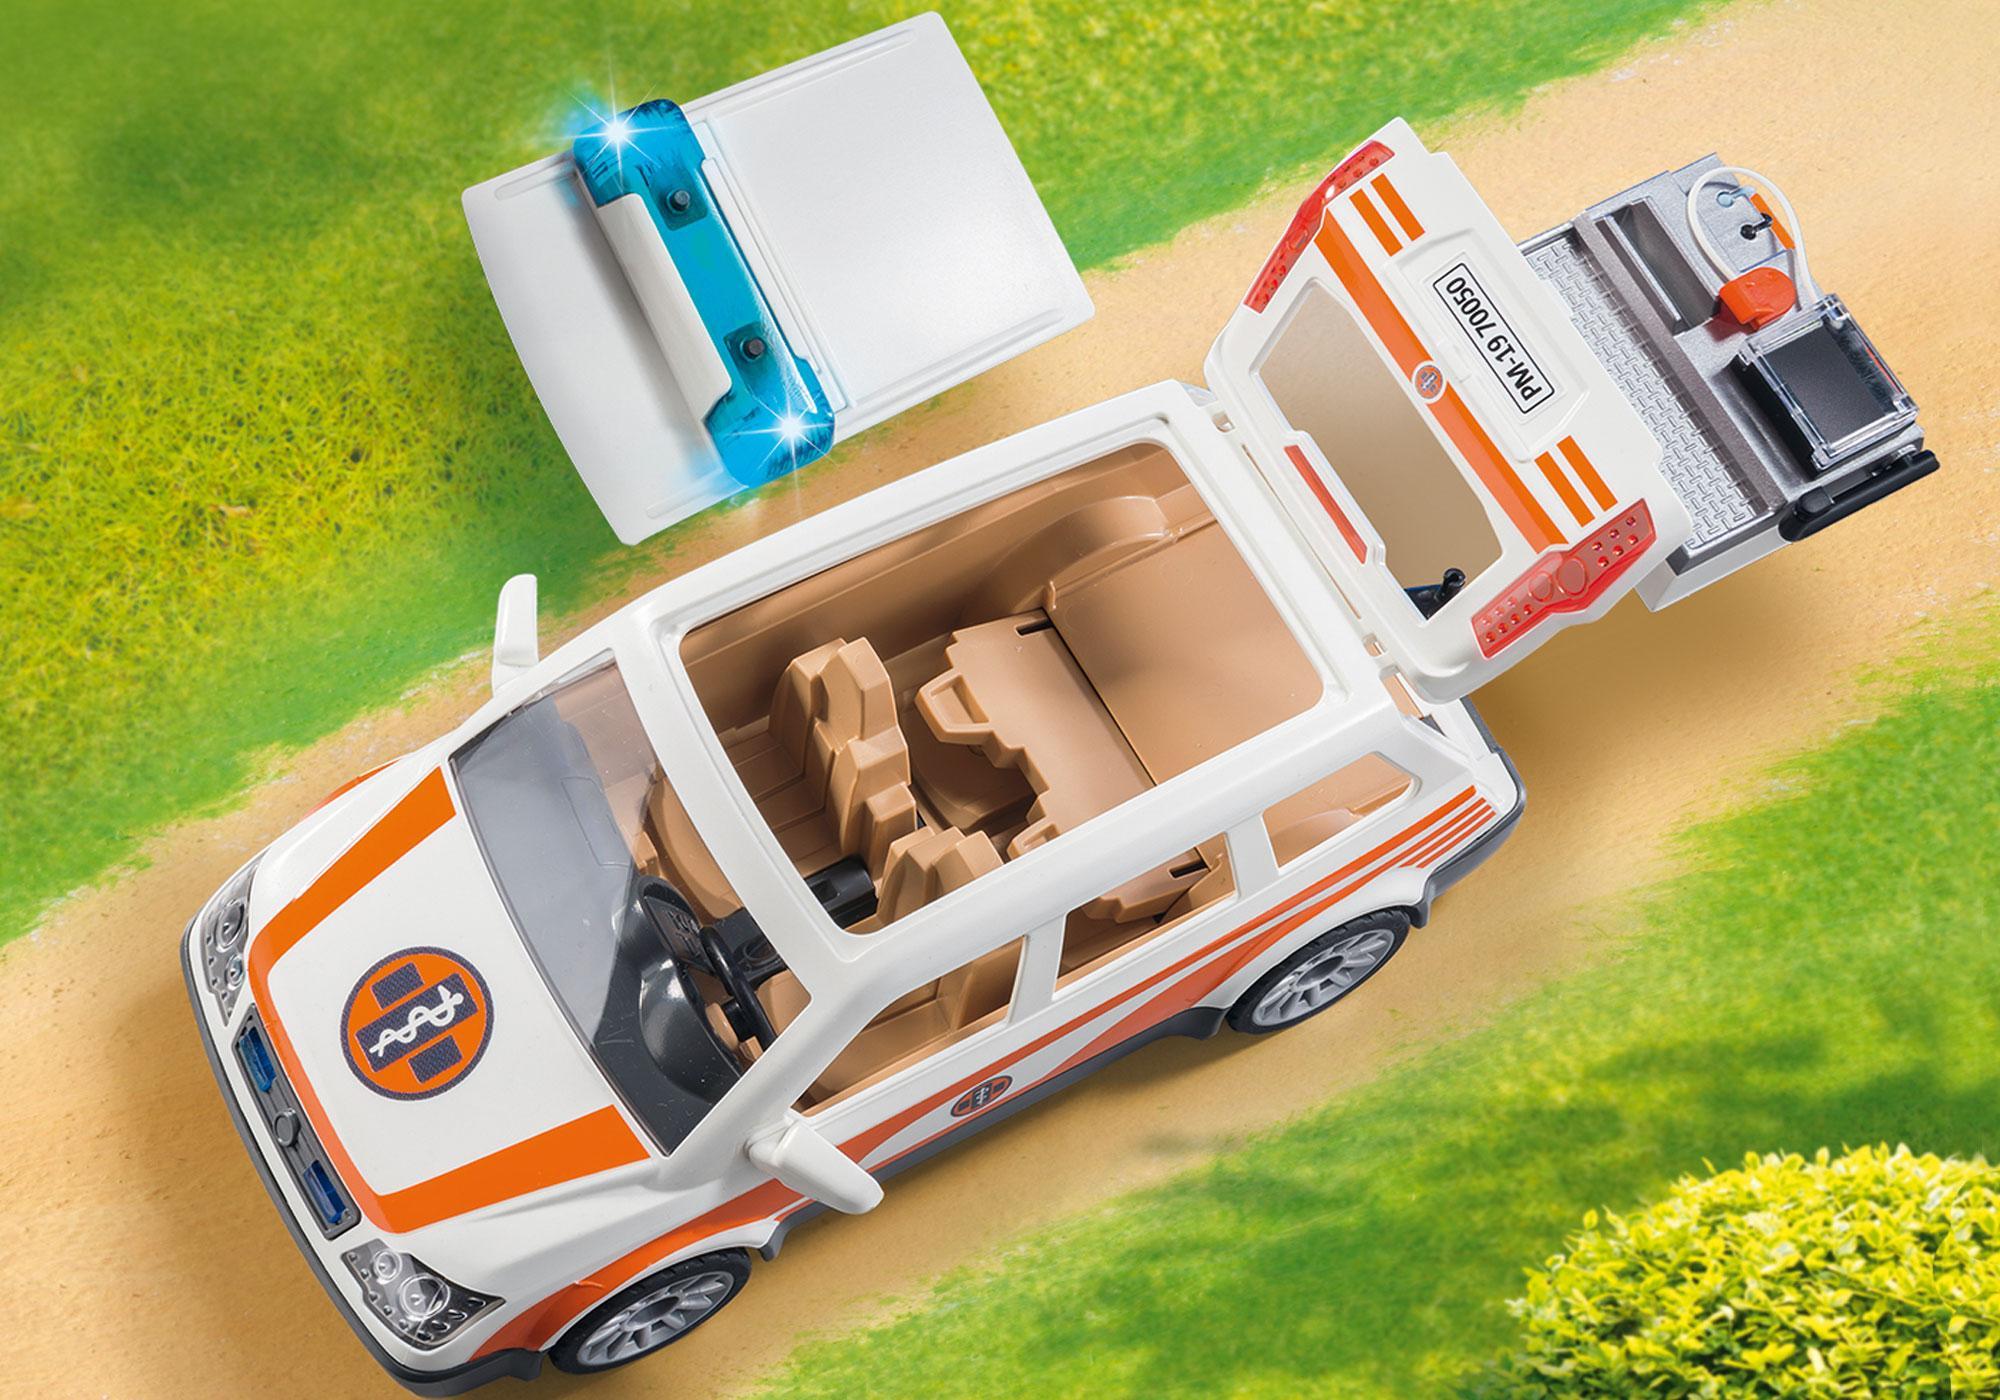 http://media.playmobil.com/i/playmobil/70050_product_extra2/Utryckningsfordon med siren